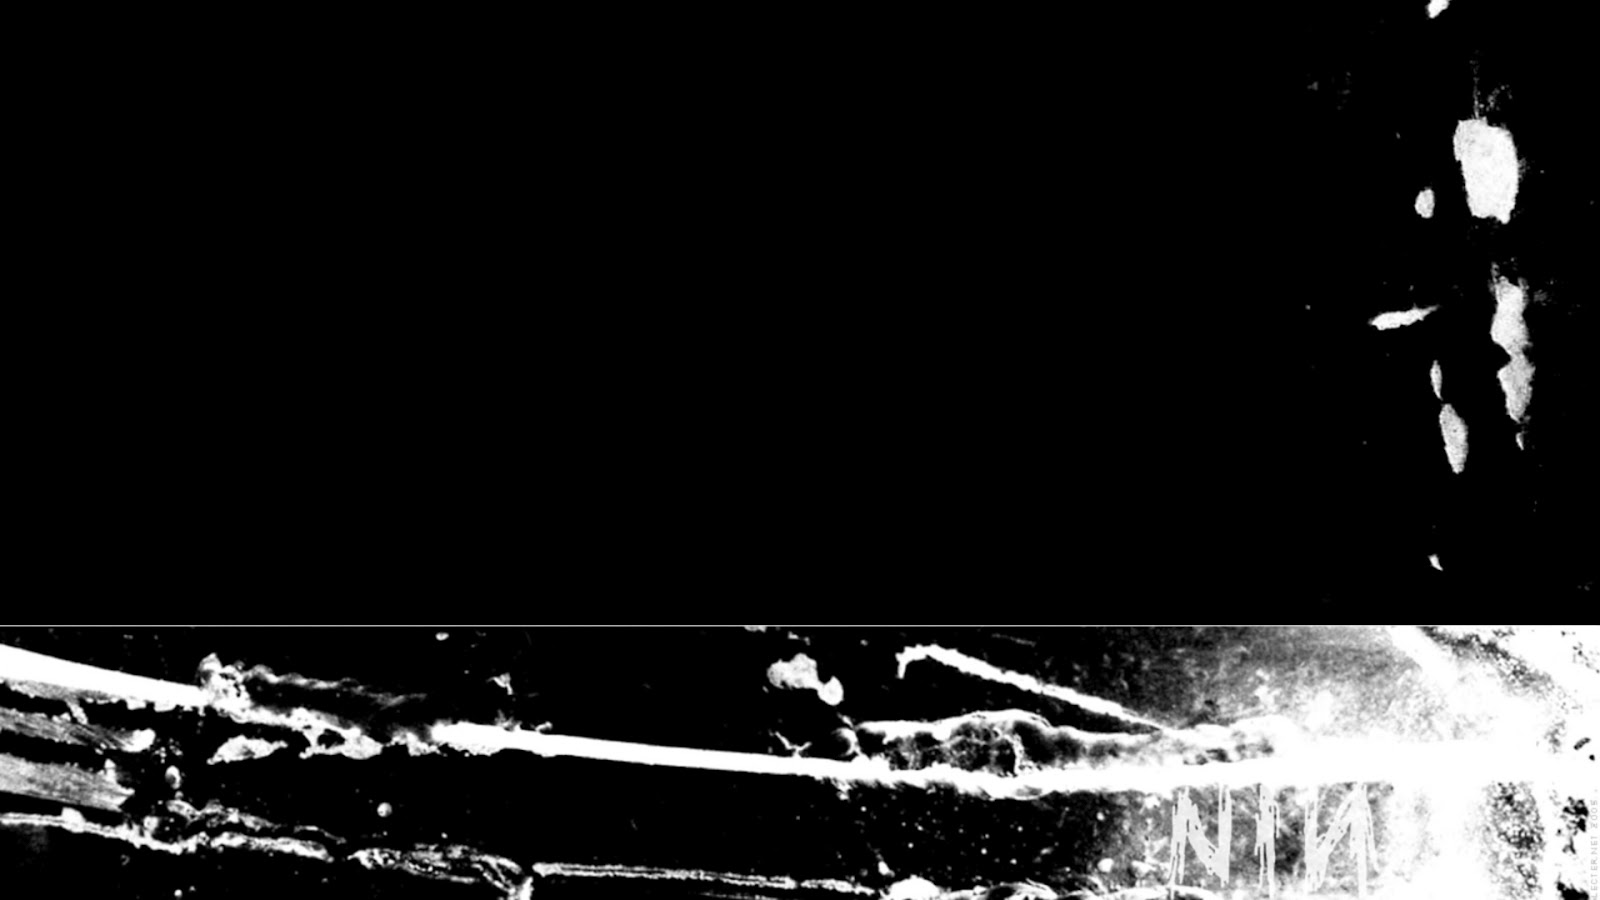 Nin Wallpapers 74 Images: Dark Wallpapers Full HD ~ Cheer Arena